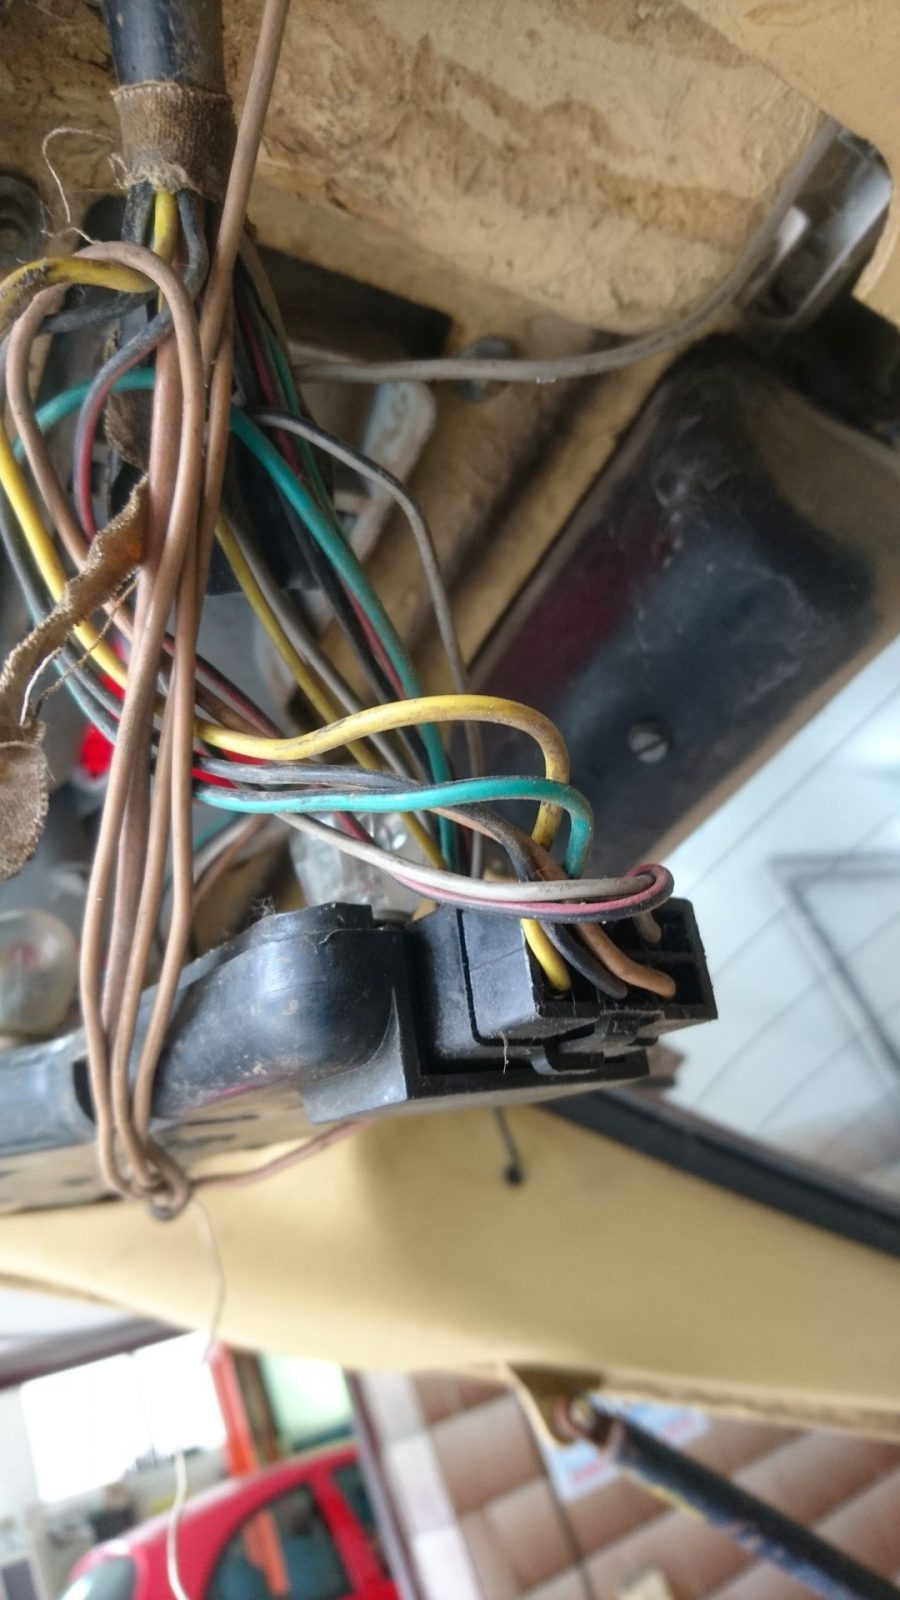 Anordnung der Kabelsteckverbindung an der hinteren linken Heckleuchte